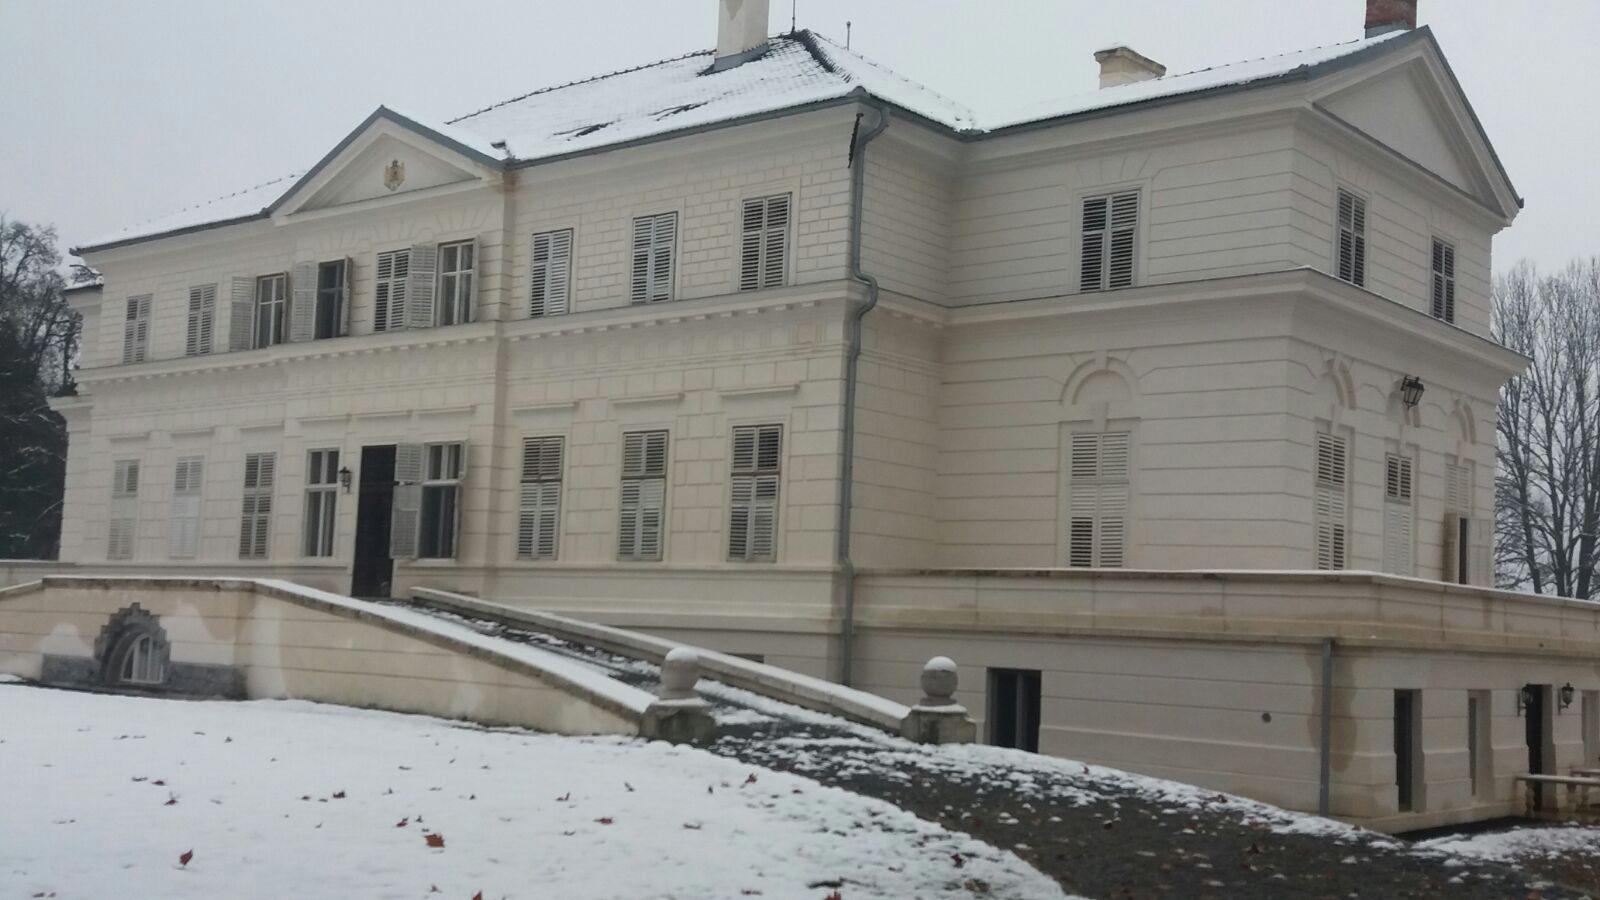 castel regal savarsin iarna.jpeg